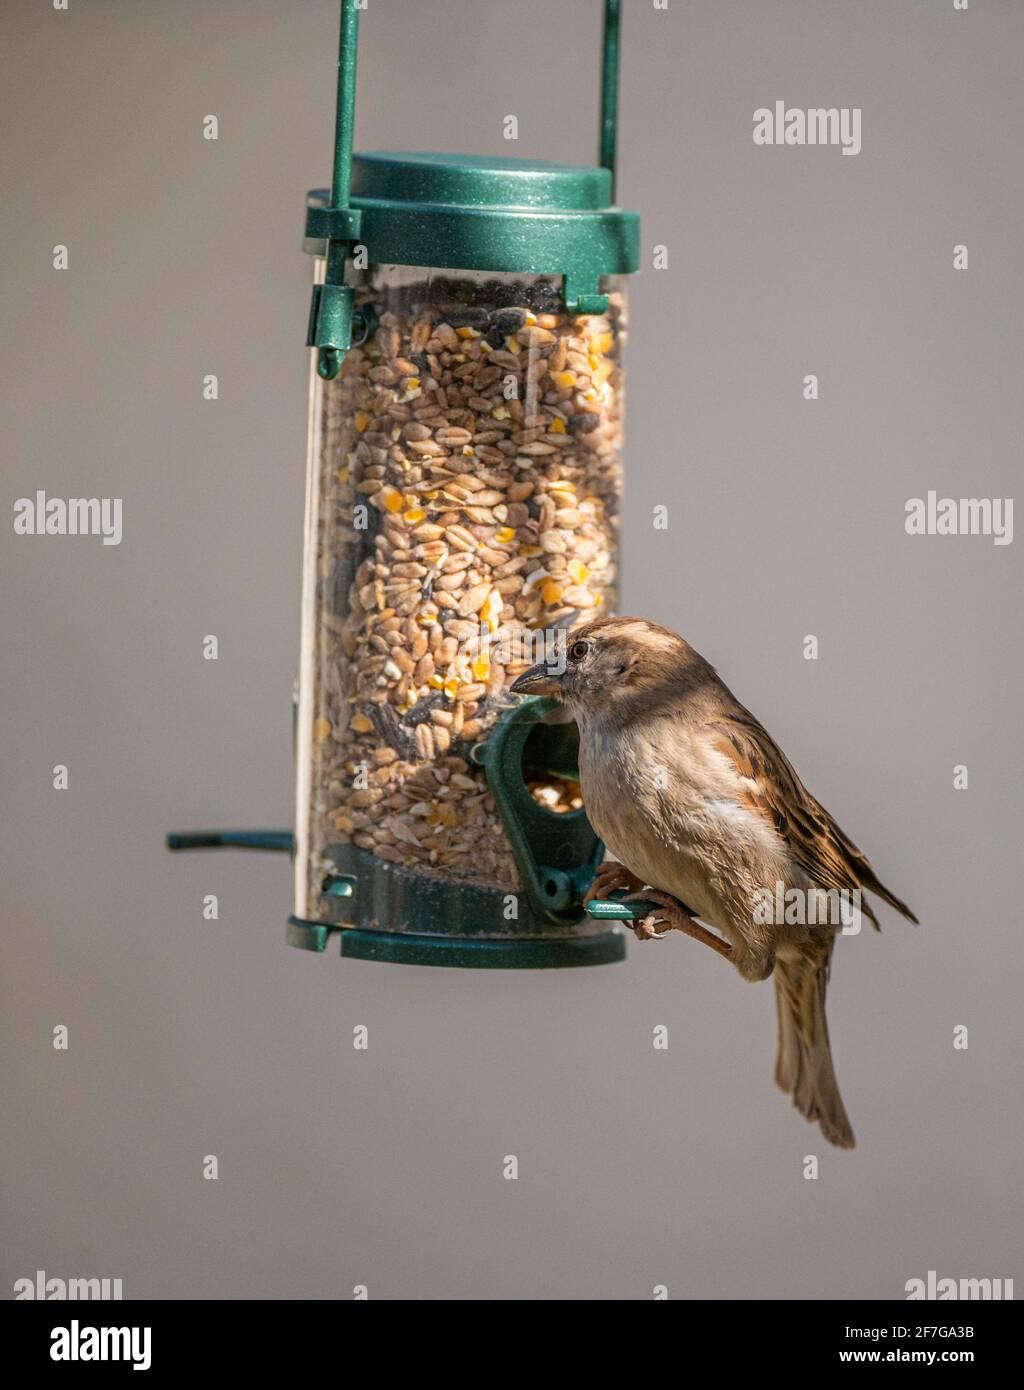 Una mujer gorrión de la casa (Passer domesticus) Un pájaro común del jardín en el Reino Unido que cuelga y alimenta de un alimentador de pájaros Foto de stock